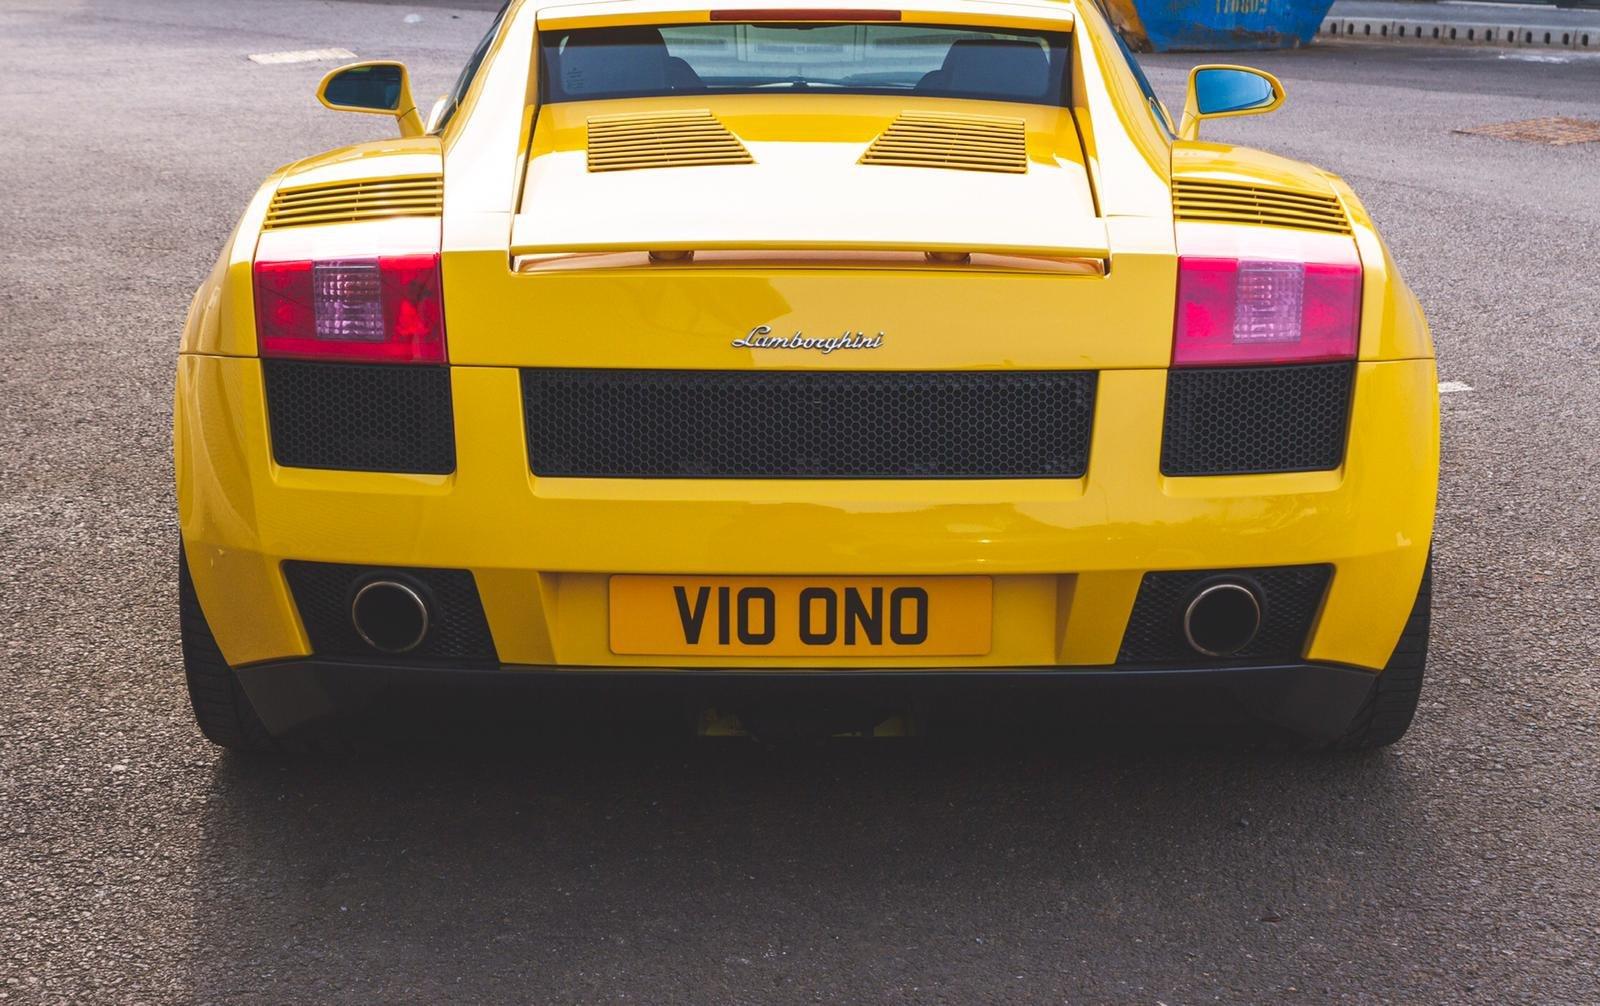 2004 Lamborghini Gallardo Pearl Yellow (E Gear) SOLD (picture 3 of 6)